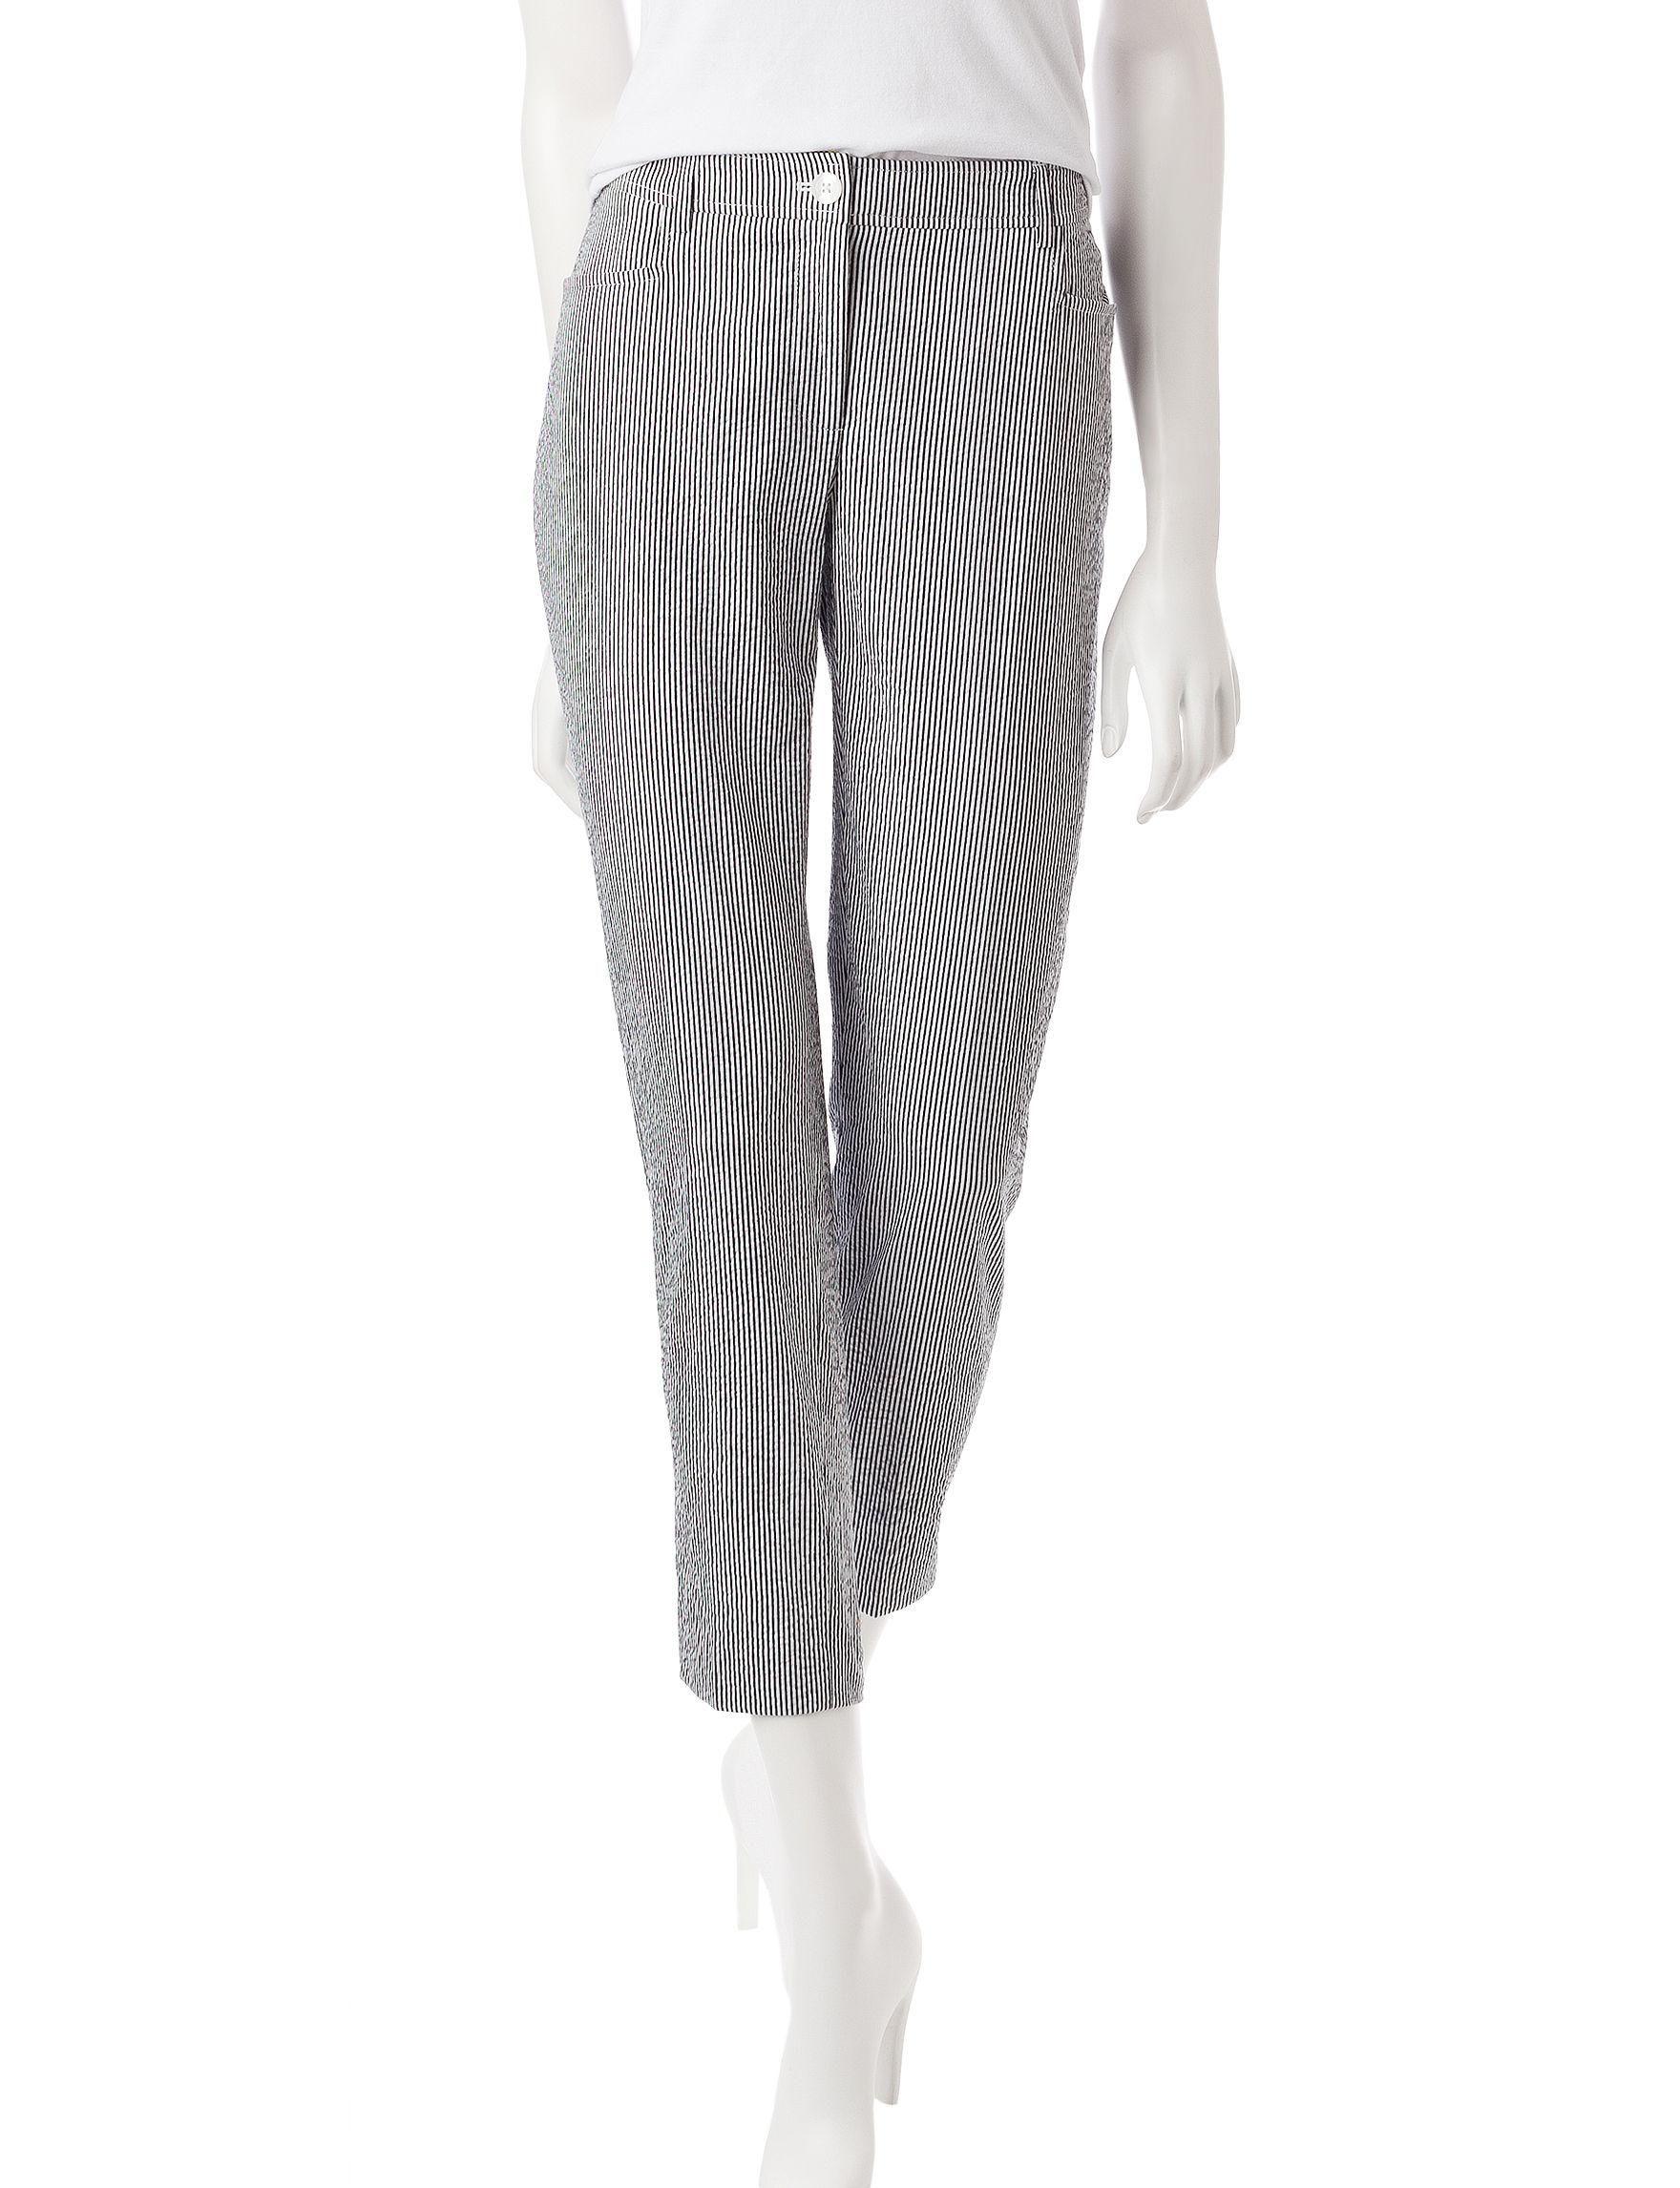 Anne Klein Black / White Soft Pants